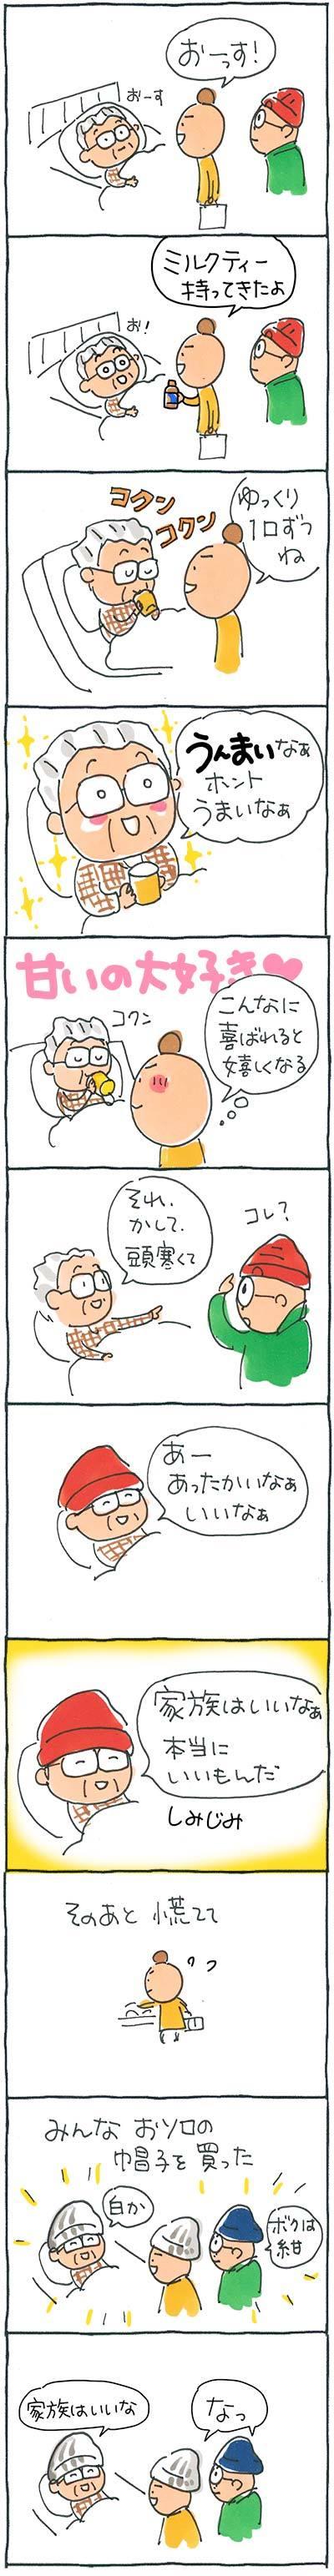 161221おっちゃん01